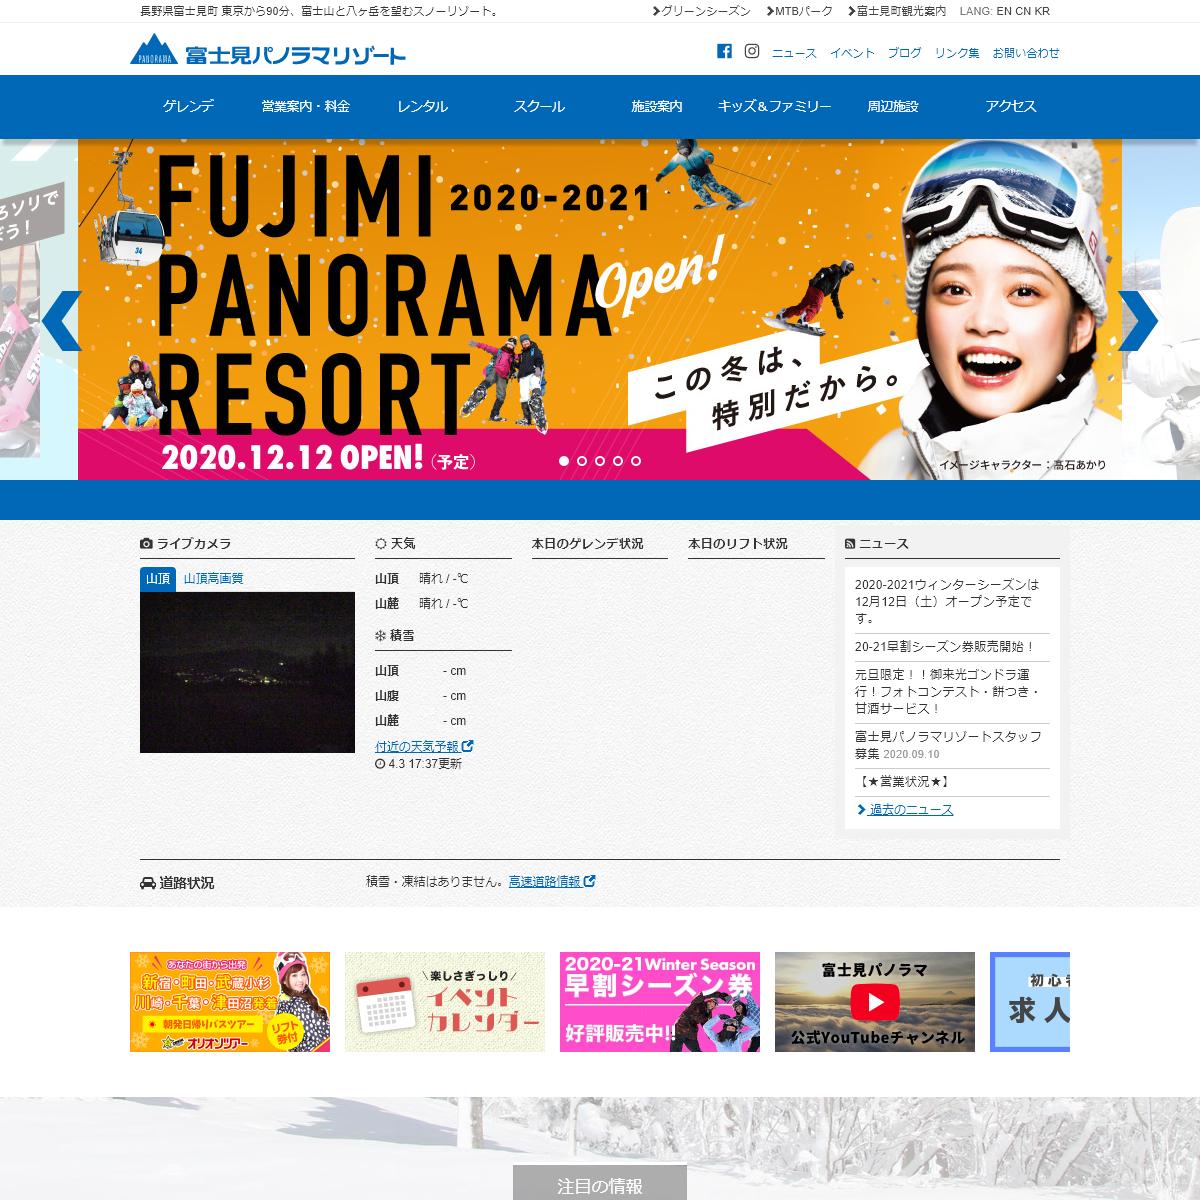 富士見パノラマリゾート 総合スノー施設・スキー場 長野県富士見町